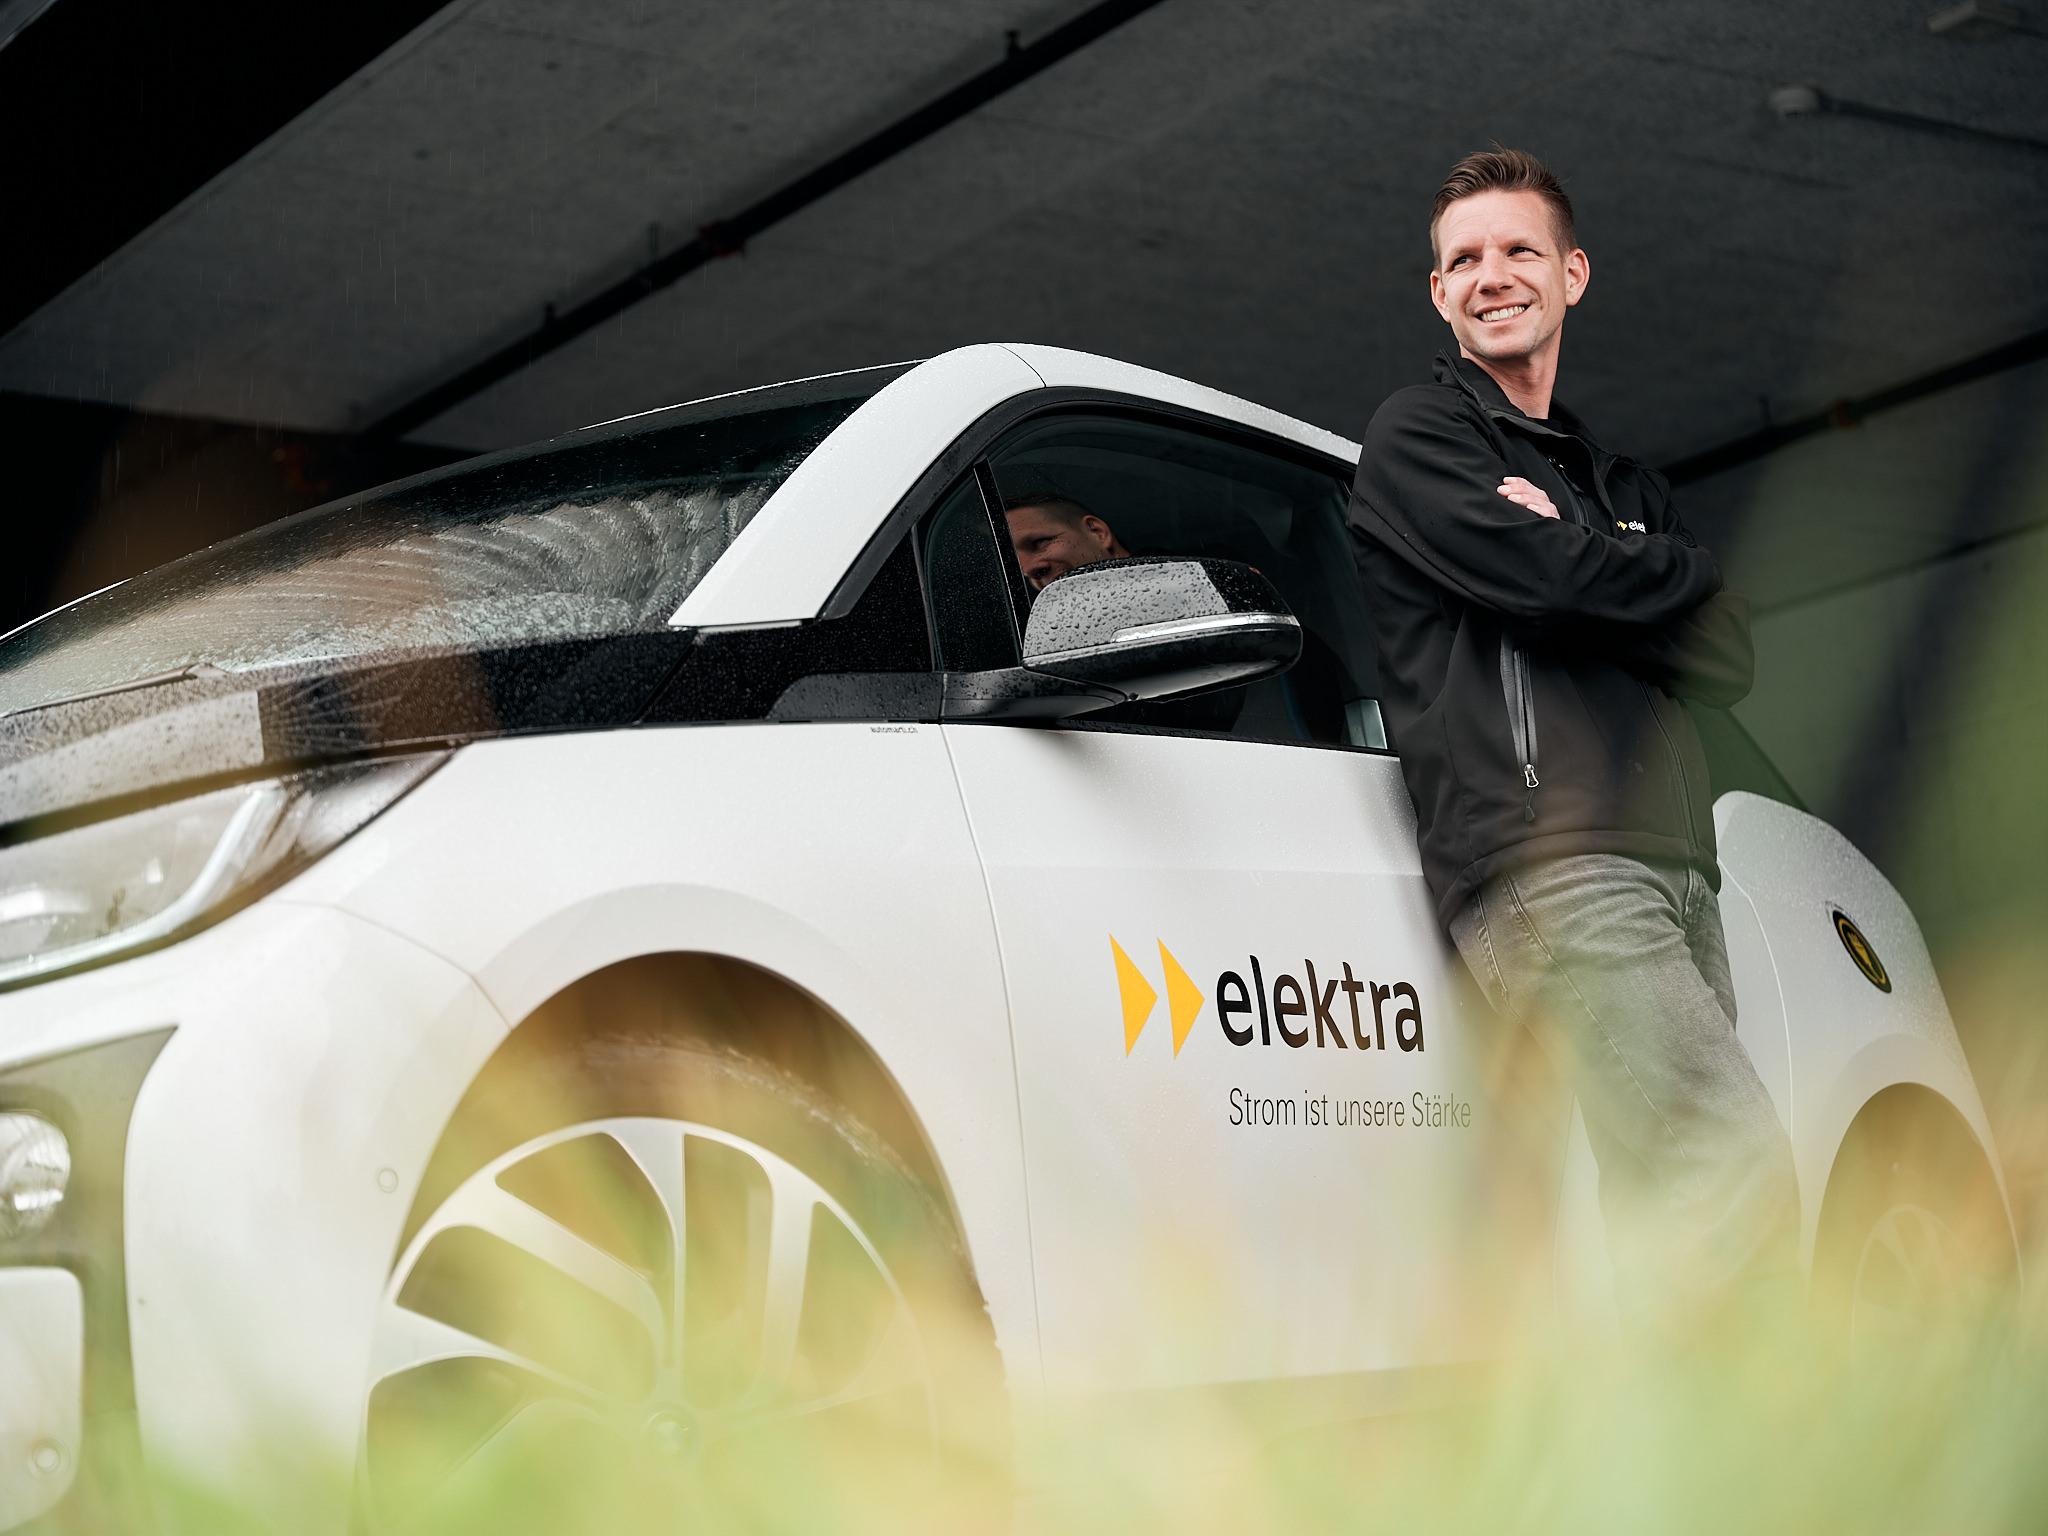 Matthias Ostermeier, Fachspezialist für Elektromobilität bei Elektra, posiert vor einem BMW i3.